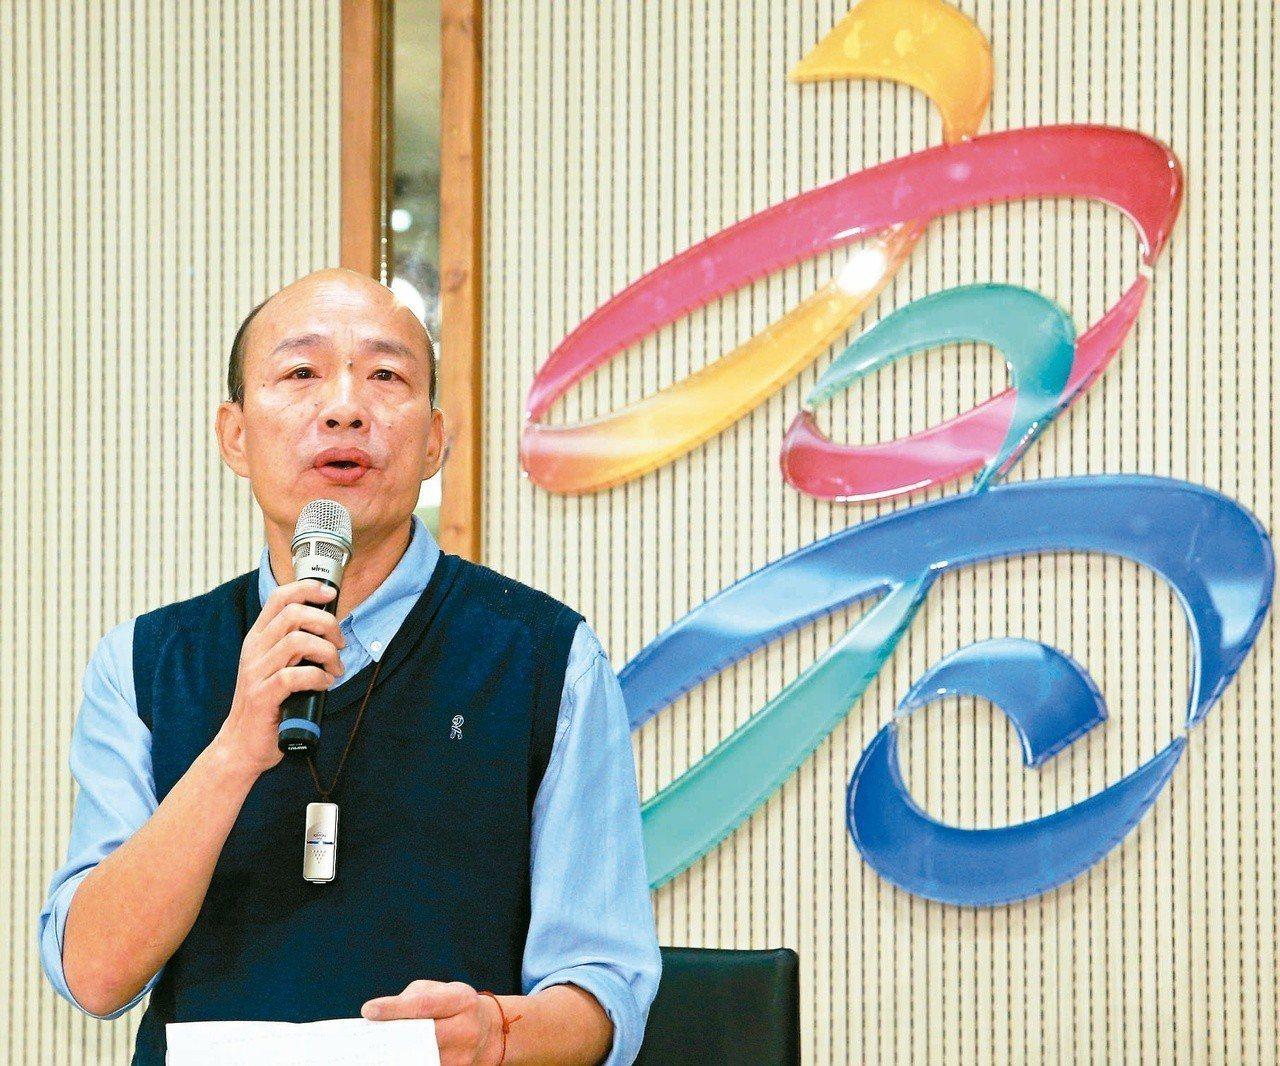 高雄市長韓國瑜鬆口若選上總統會在高雄上班,被前總統陳水扁批評「吃碗內看碗外」。...